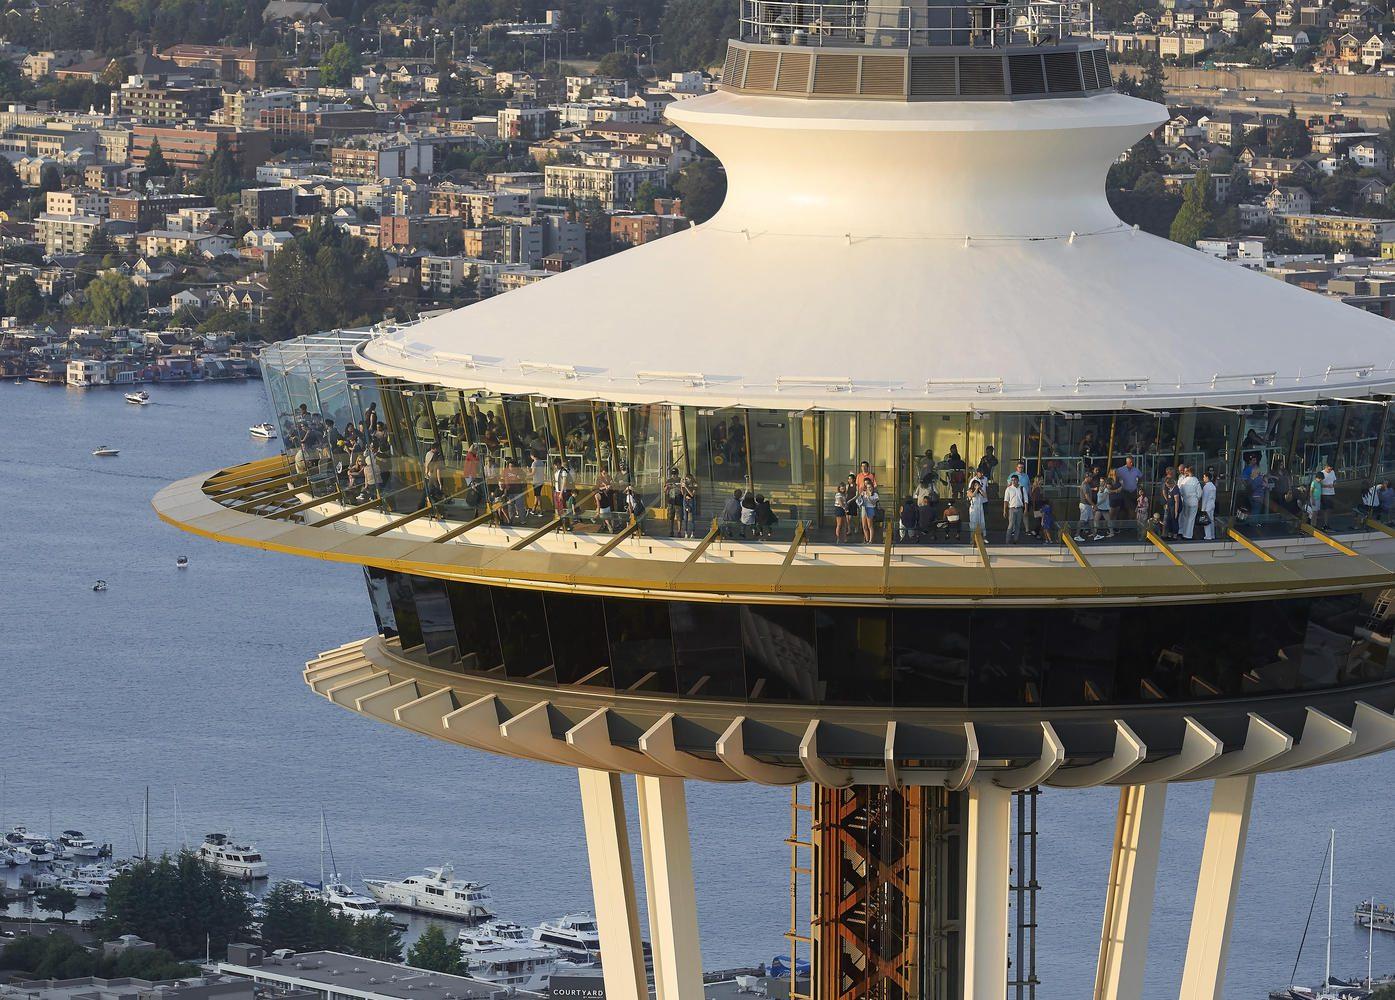 Seattle Space needle renovation_IGS Magazine_2